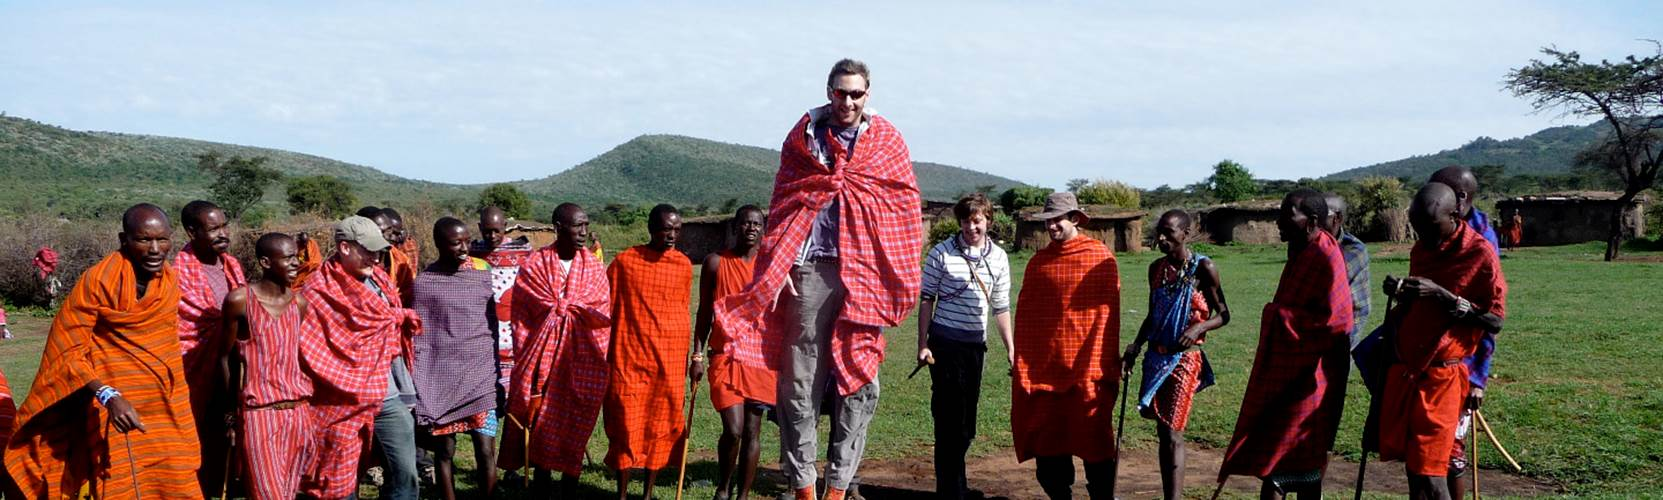 Kenya Cultural Tips Adventure Alternative Expeditions